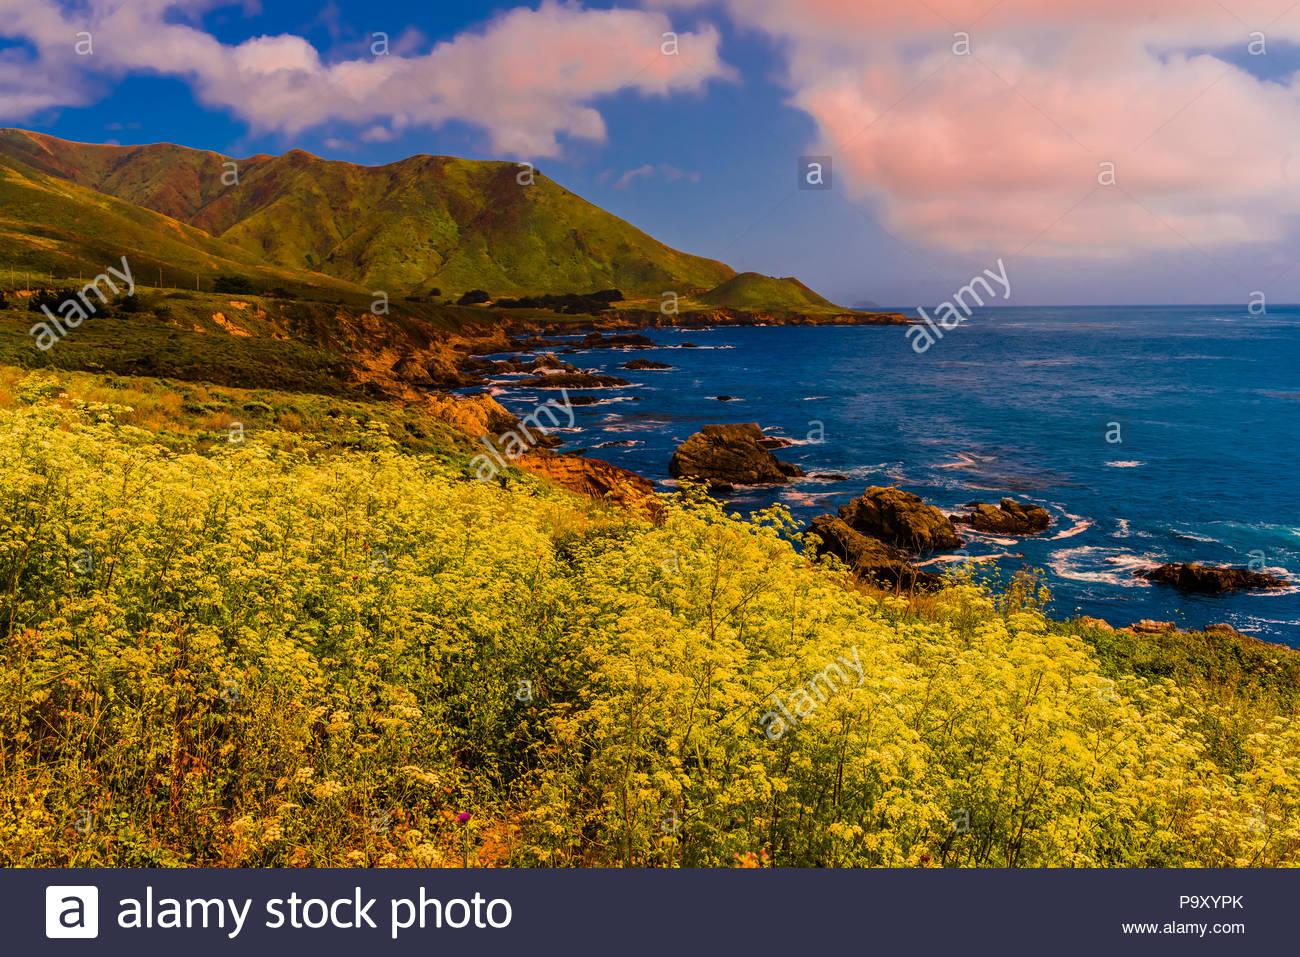 Blick entlang der Autobahn einen auf Big Sur Küste zwischen Carmel Highlands und Big Sur, Monterey County, Kalifornien, USA. Stockbild